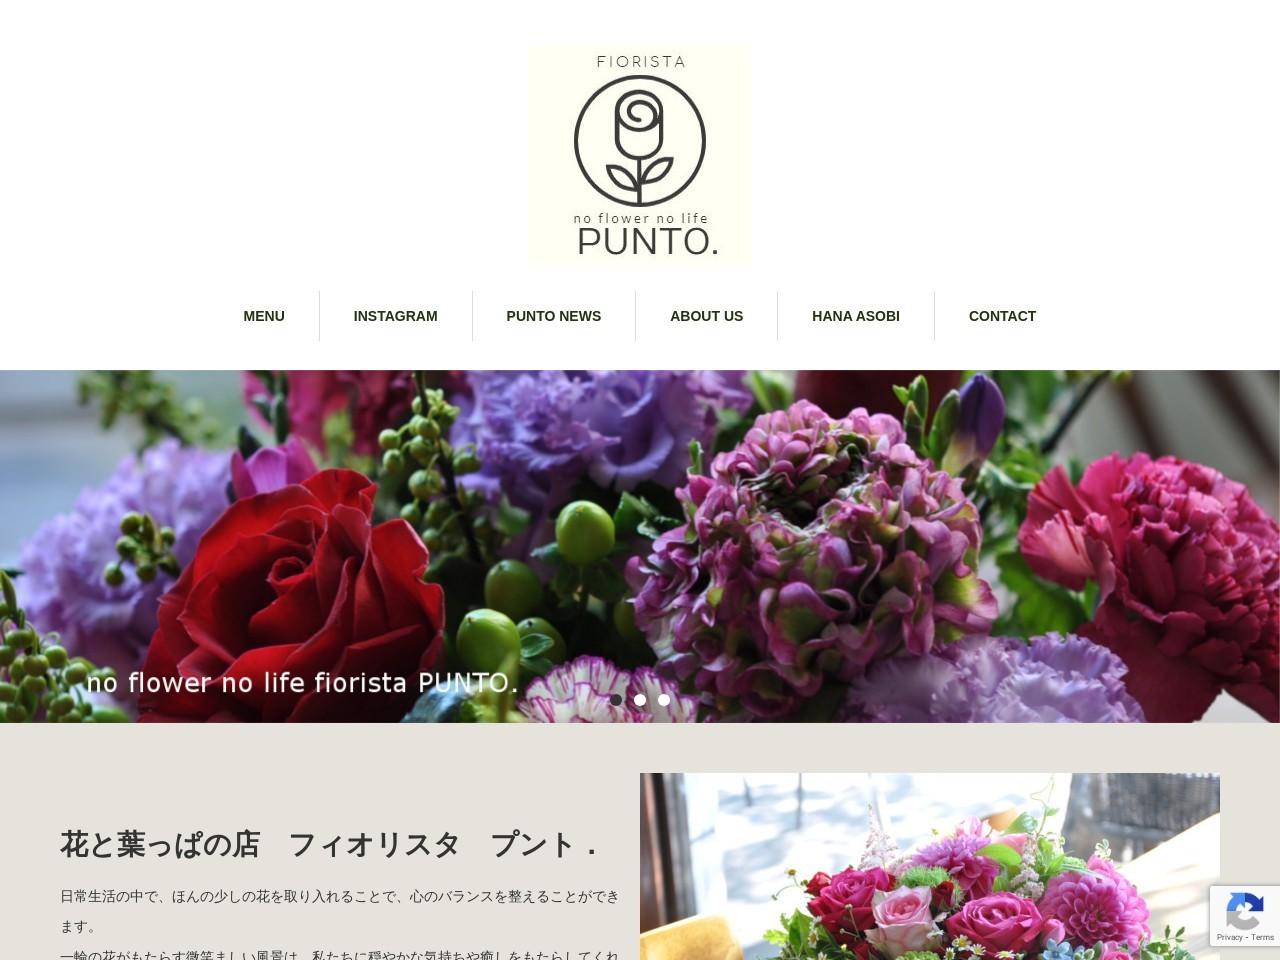 花と葉っぱの店フィオリスタ‐プント